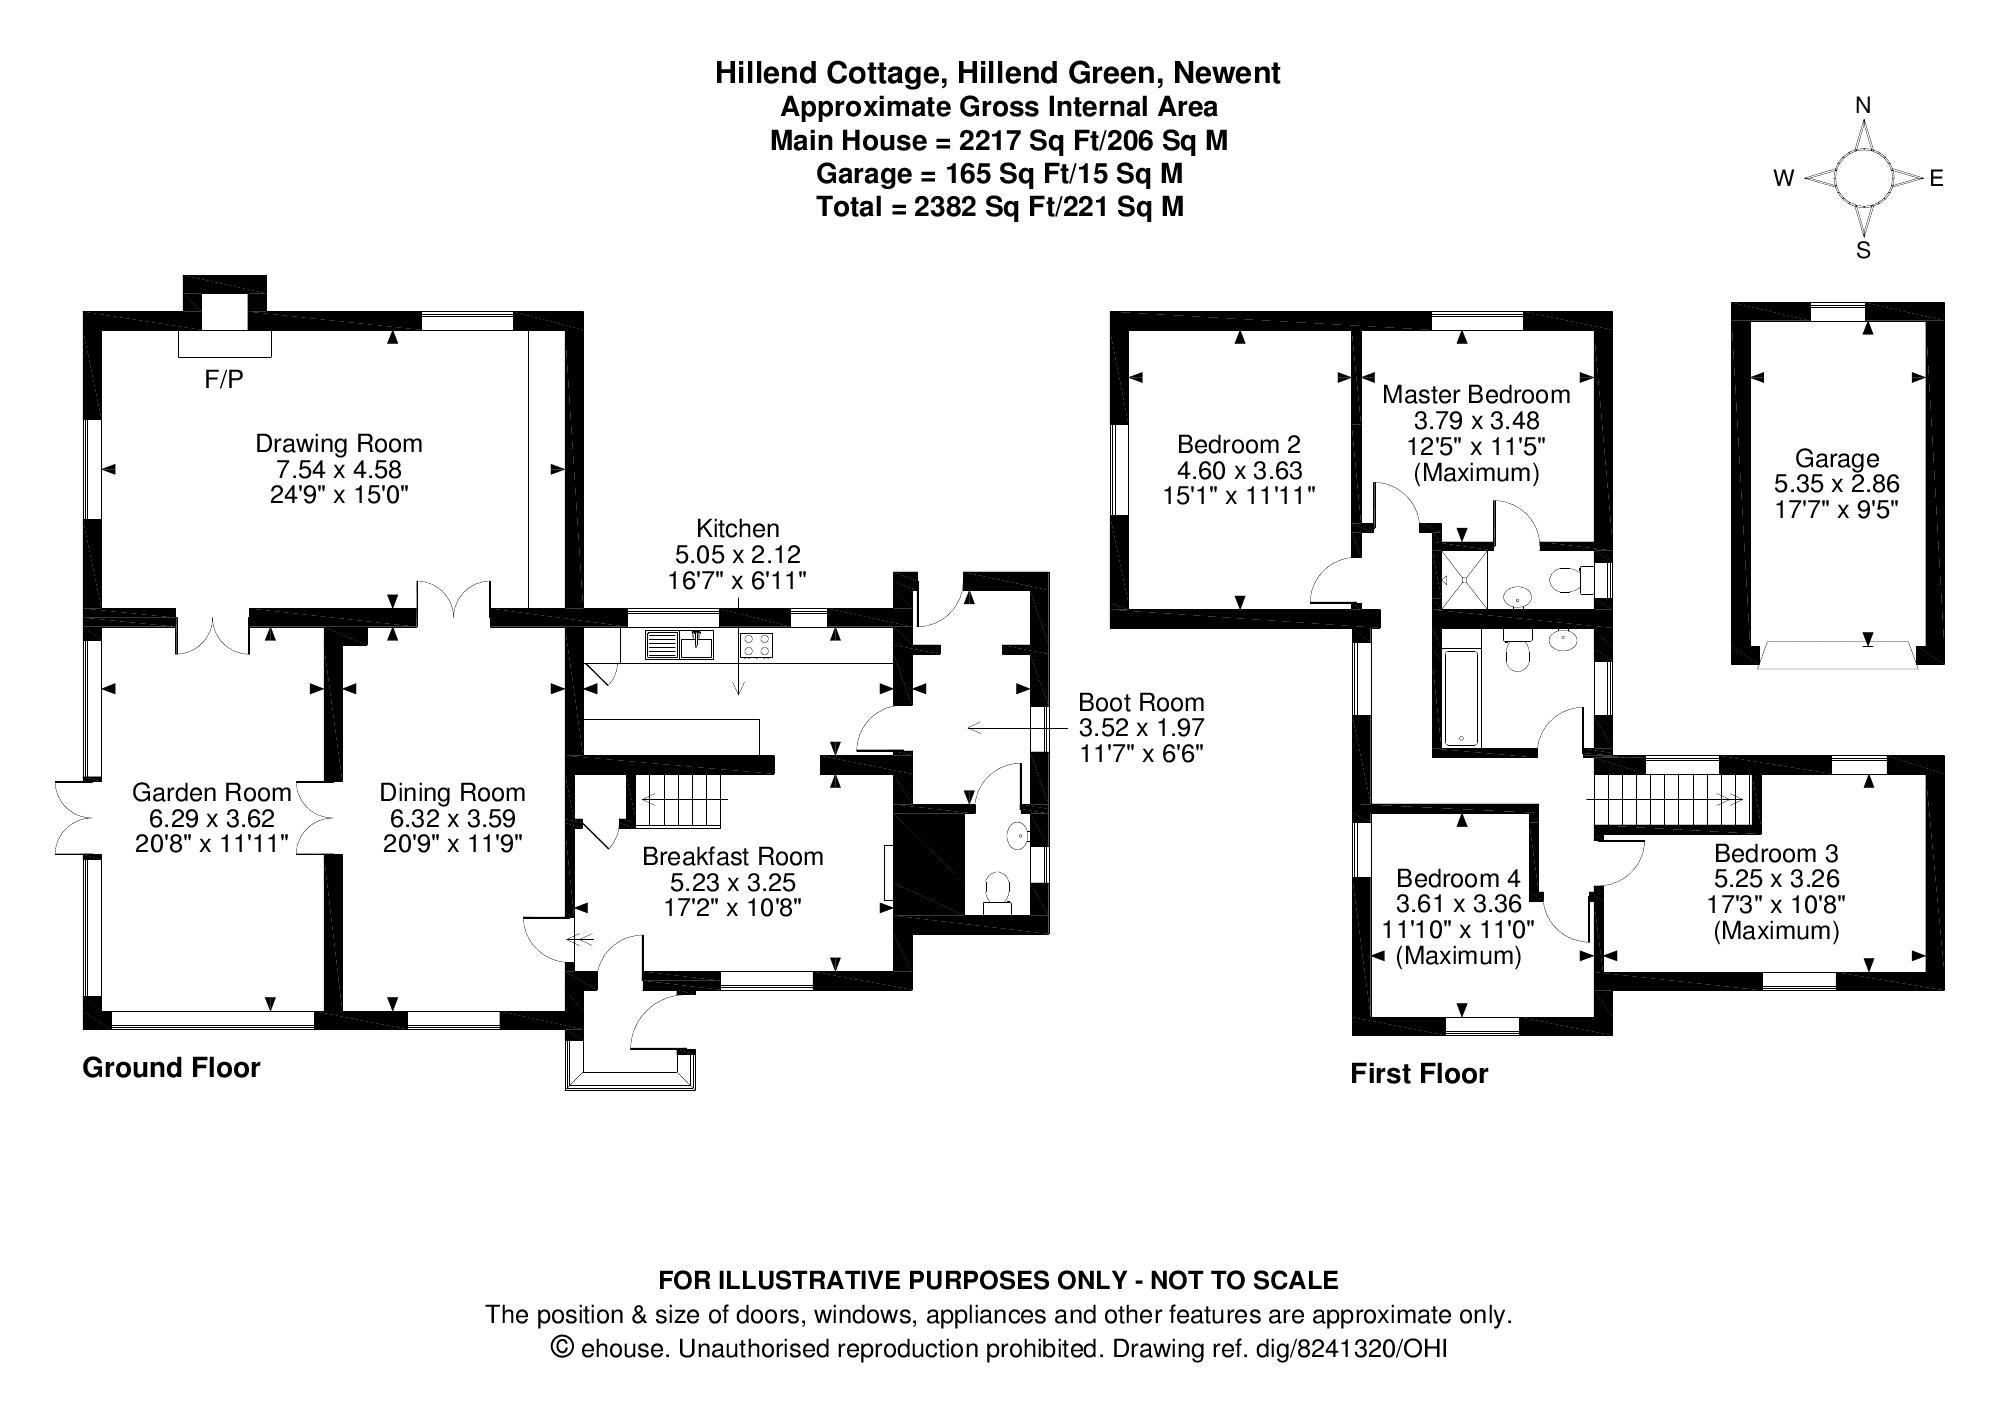 Hillend Cottage Floorplan